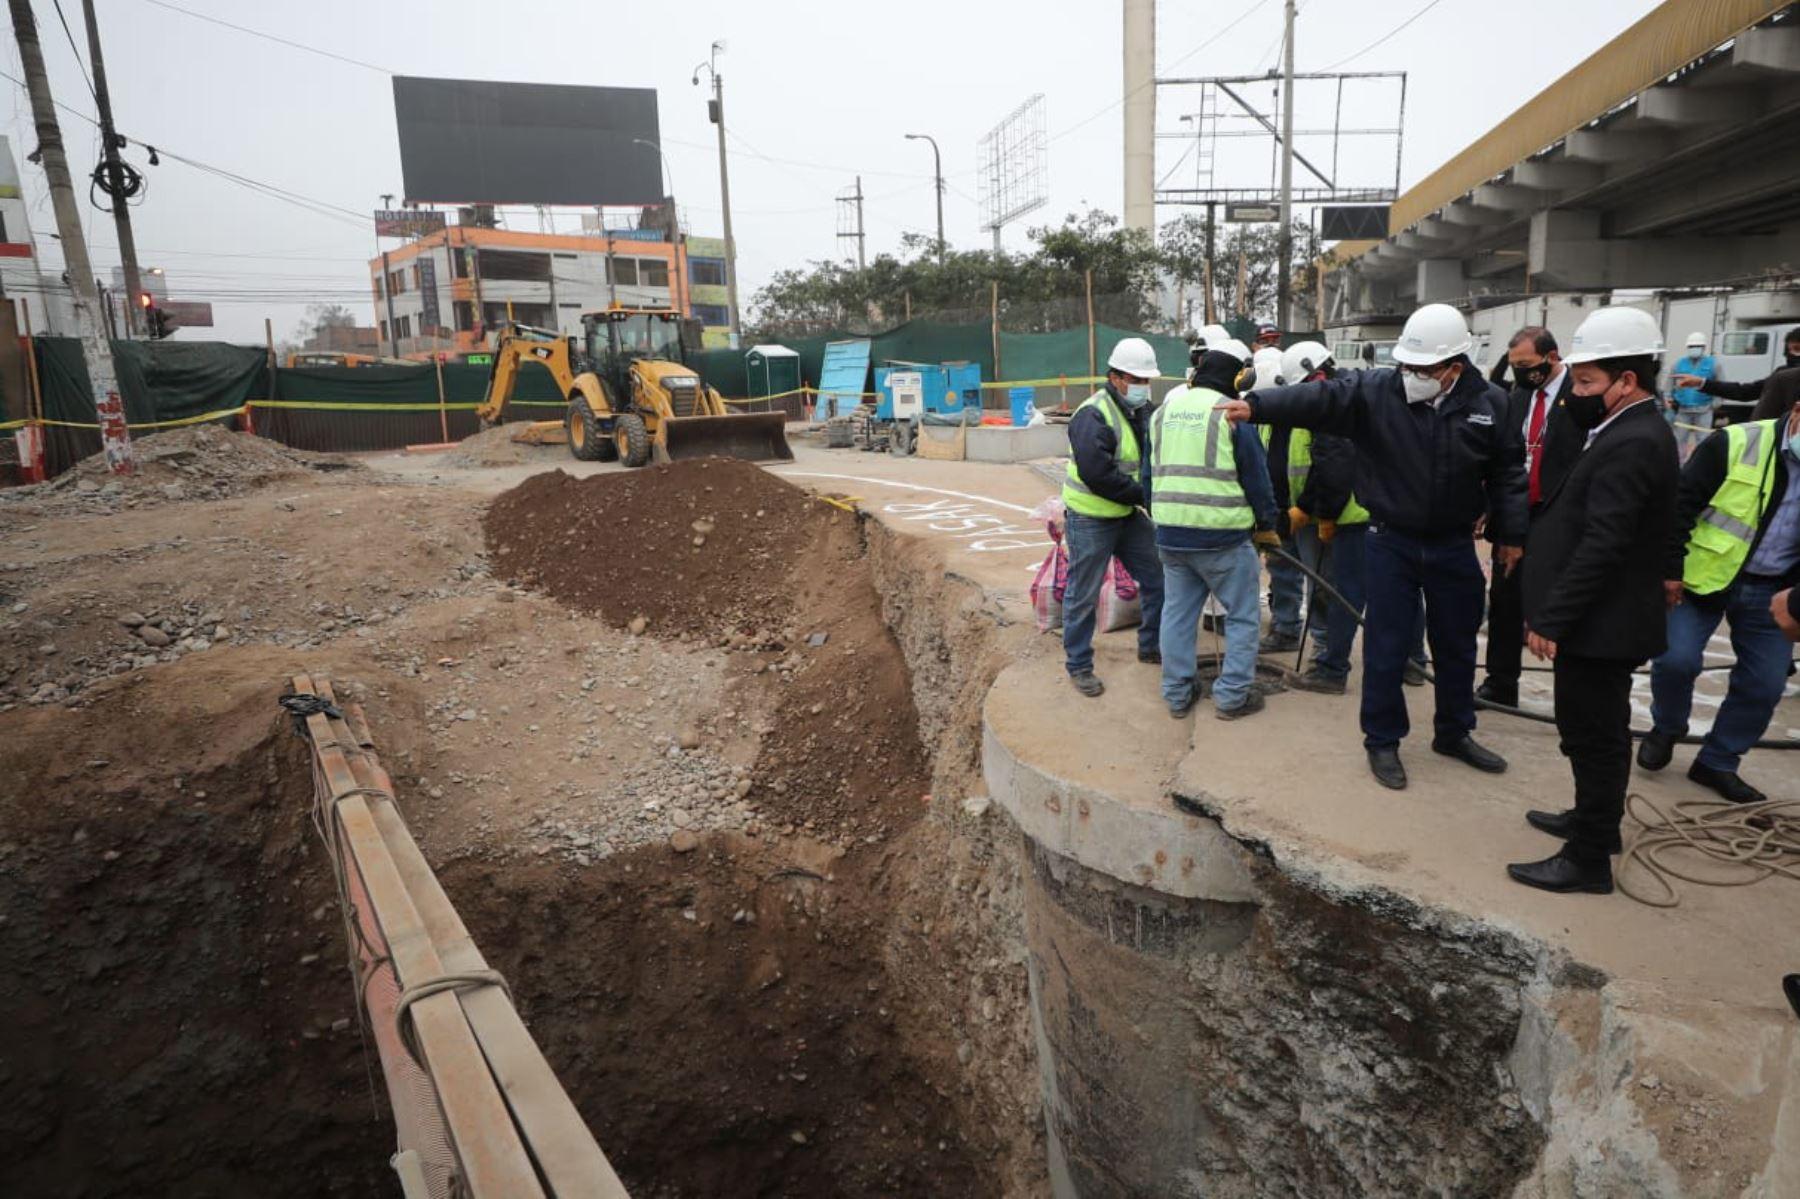 El titular de la PCM Guido Bellido, junto a autoridades del Ejecutivo, inspecciona las obras para el restablecimiento del servicio de agua en San Juan de Lurigancho. Foto: ANDINA/ PCM